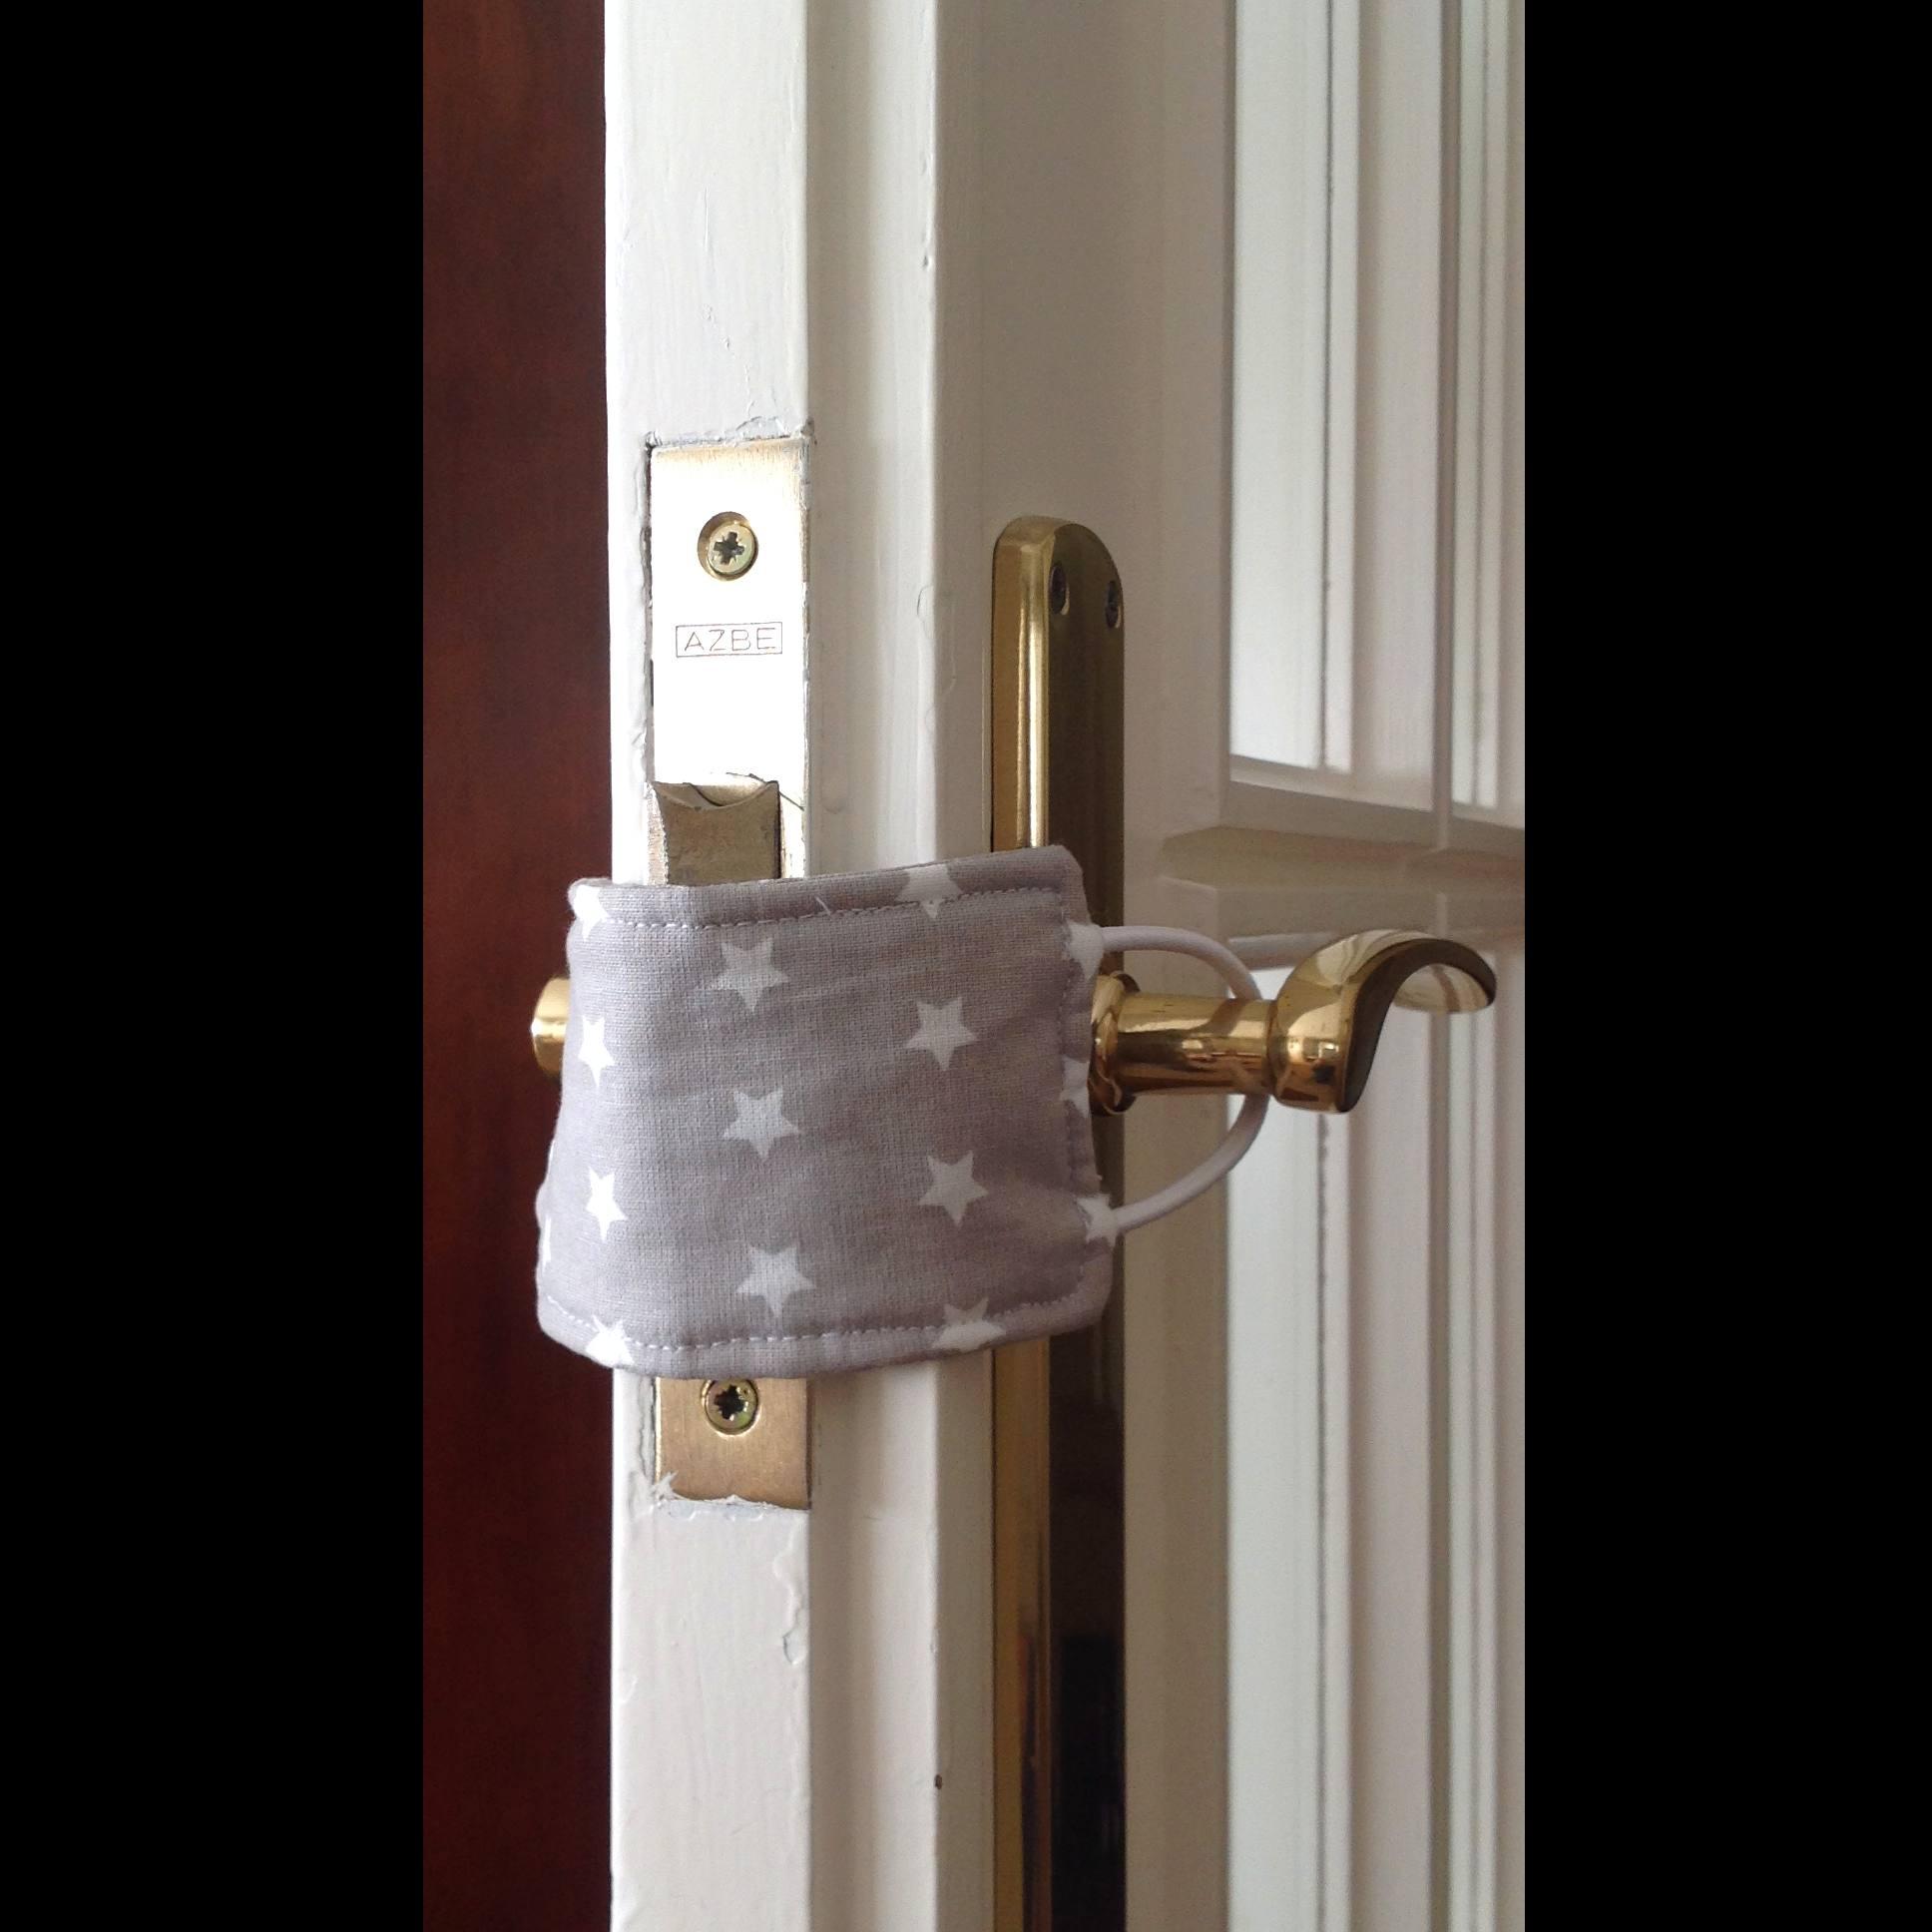 Topes para puertas decorativos y funcionales blog cuenta ovejitas - Topes para puertas ...